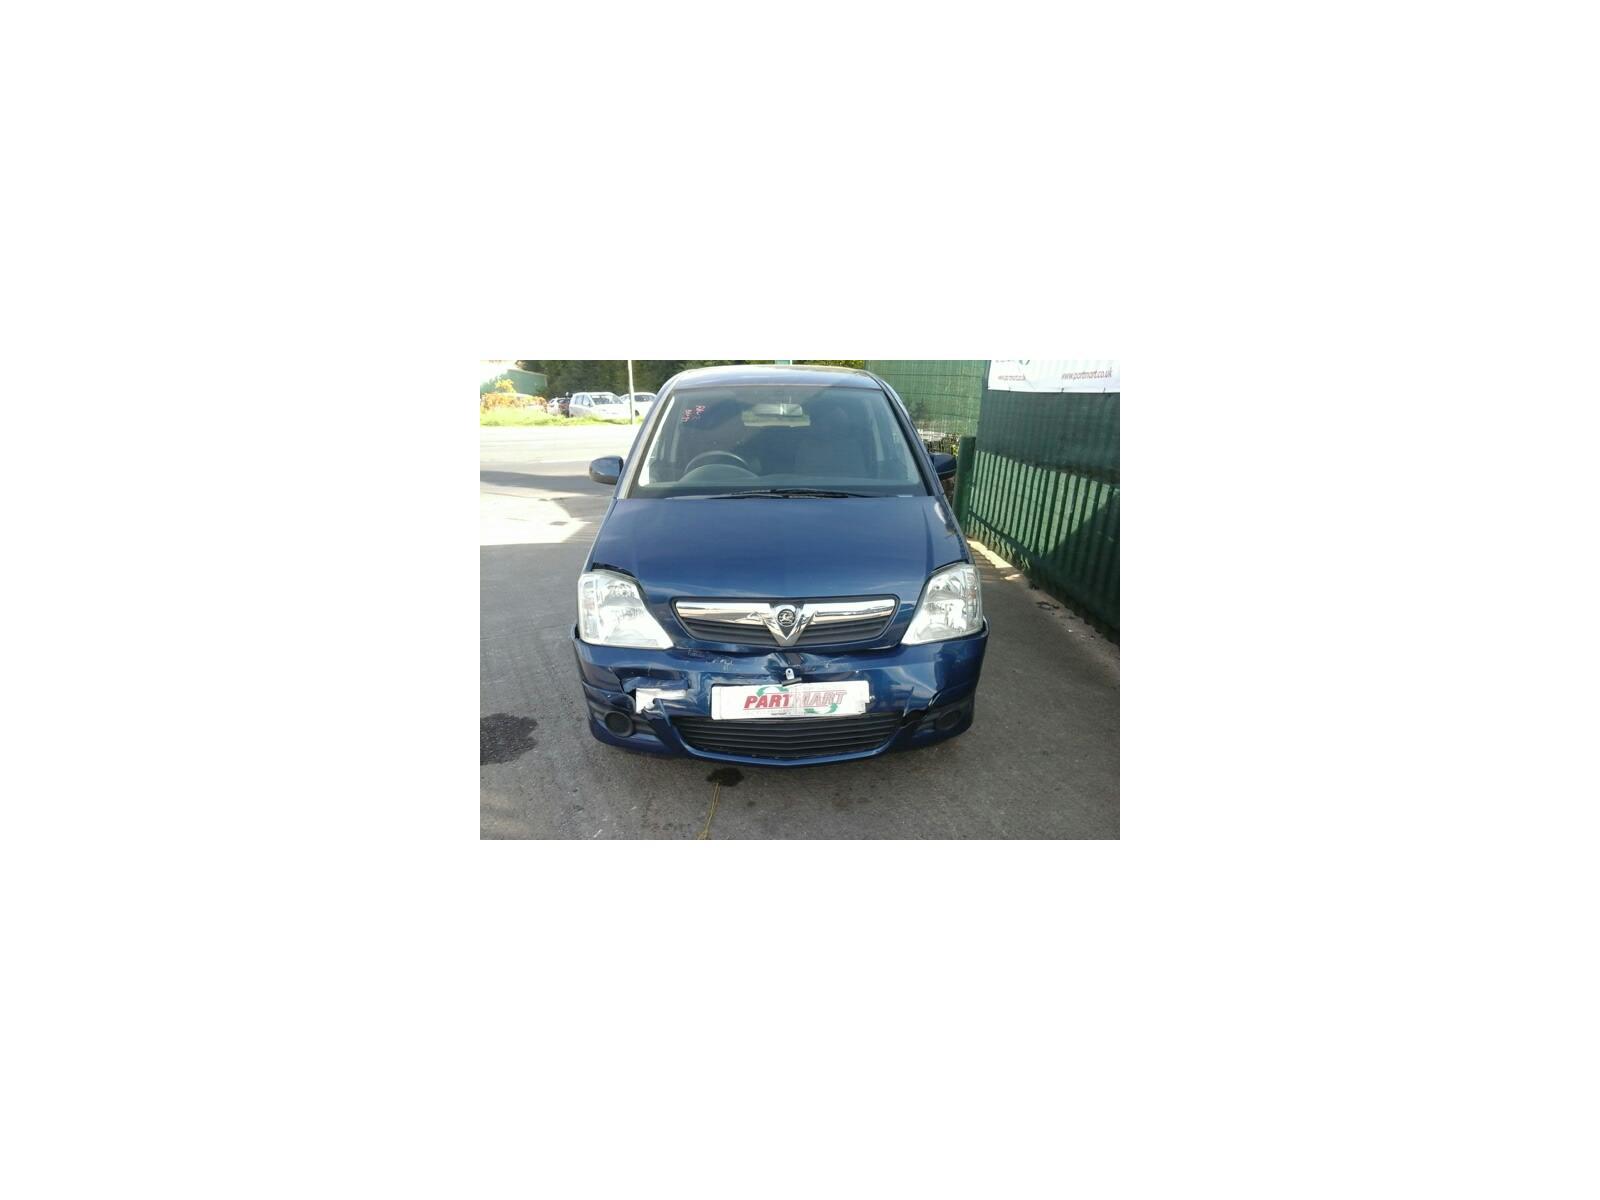 2007 Vauxhall Meriva 5 Door Hatchback